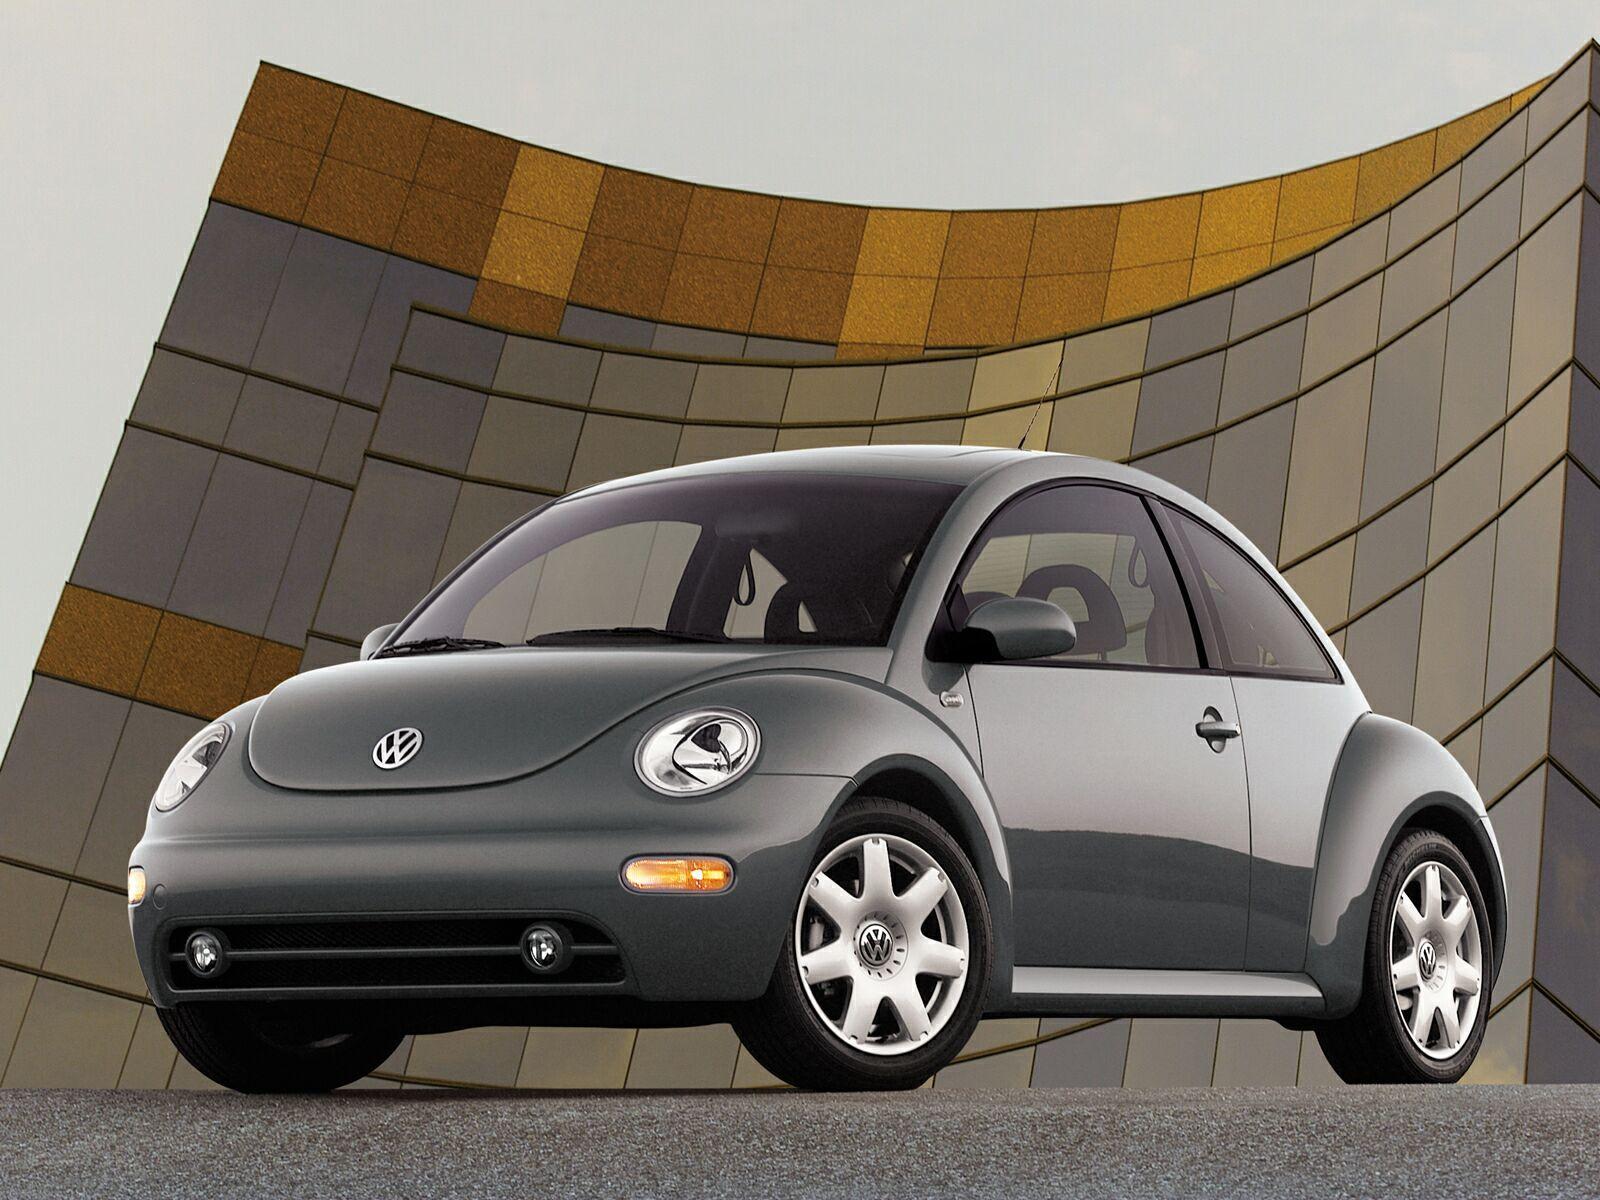 Volkswagen Beetle 4 Car Hd Wallpaper